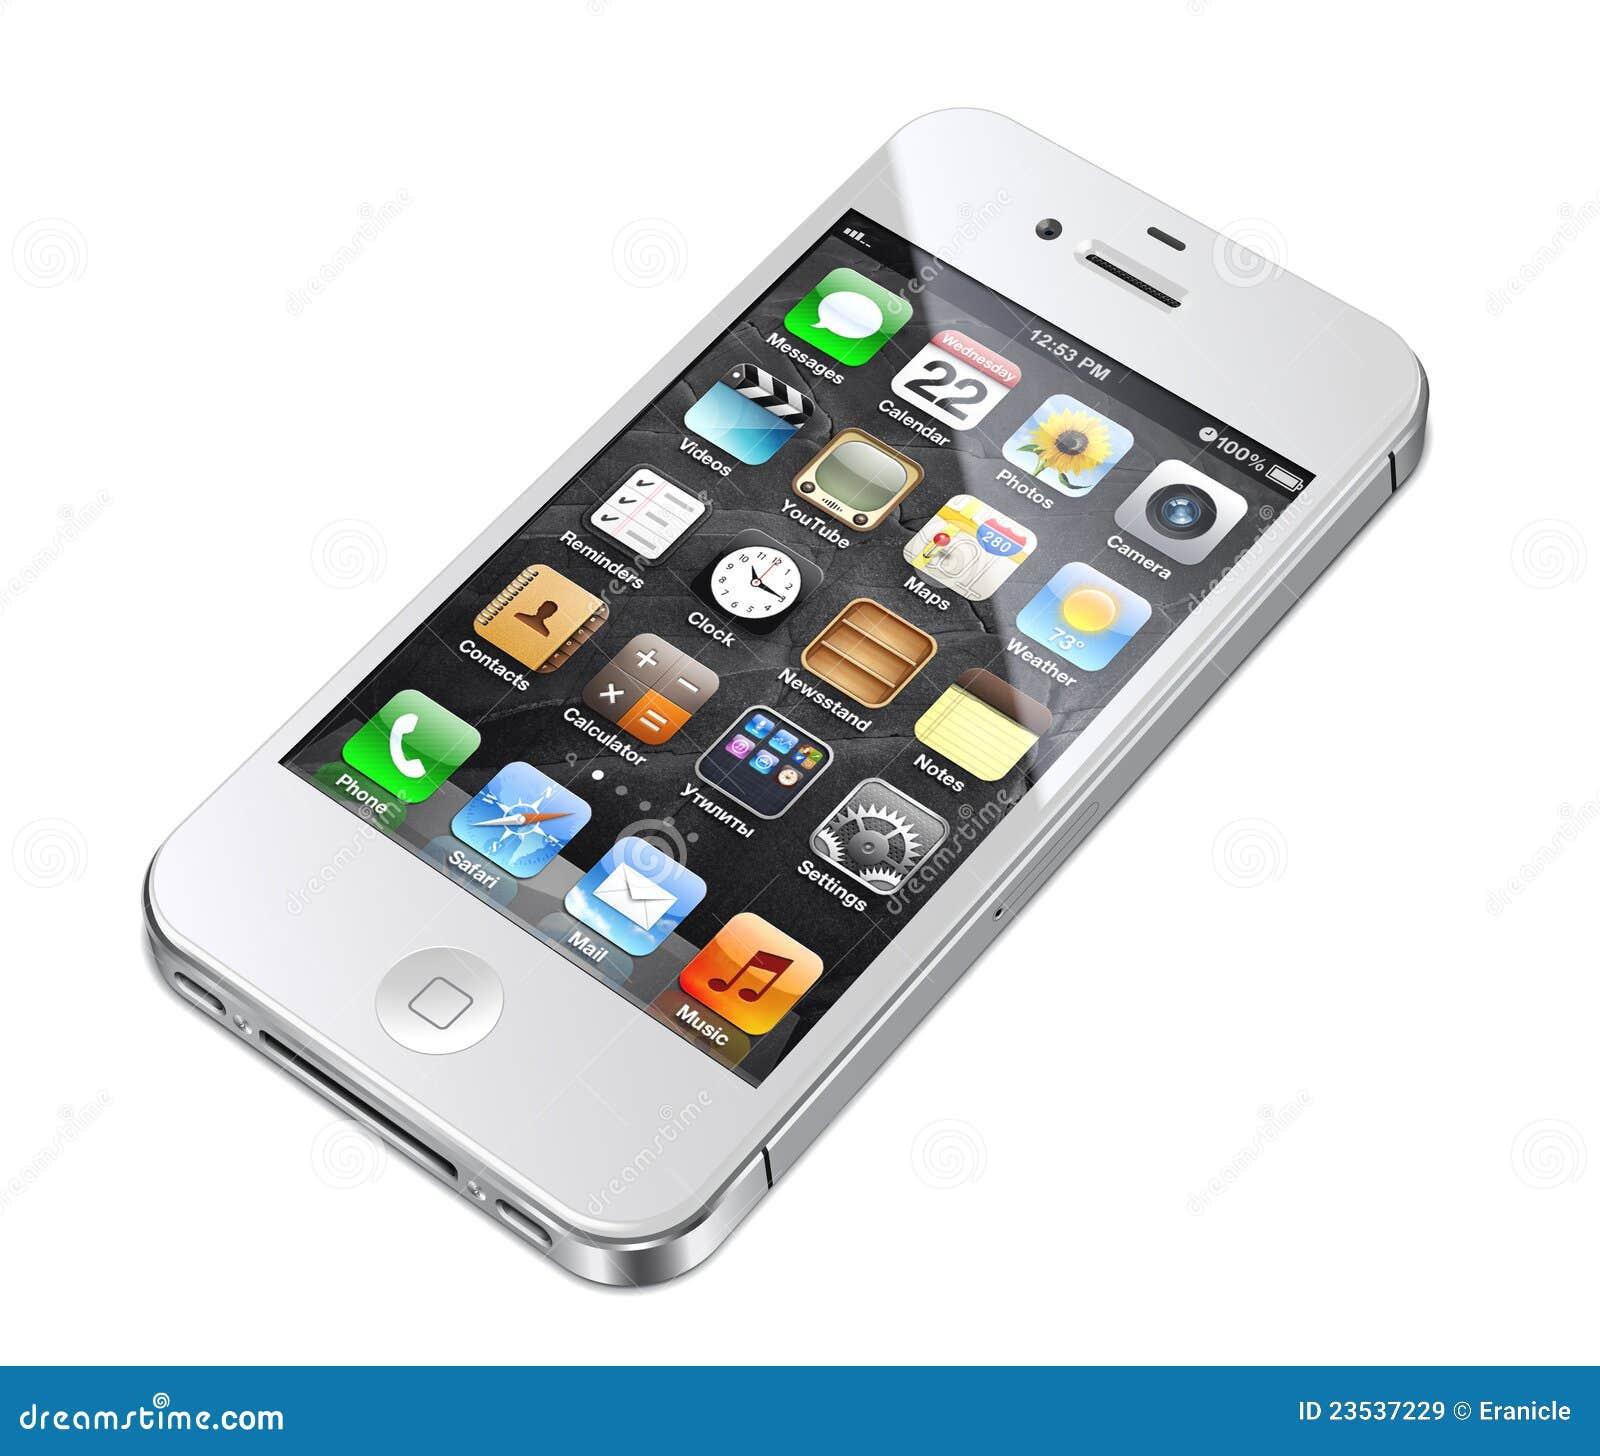 1aa1172eeda Teléfono celular blanco del iphone 4S de Apple con la ilustración de los  iconos